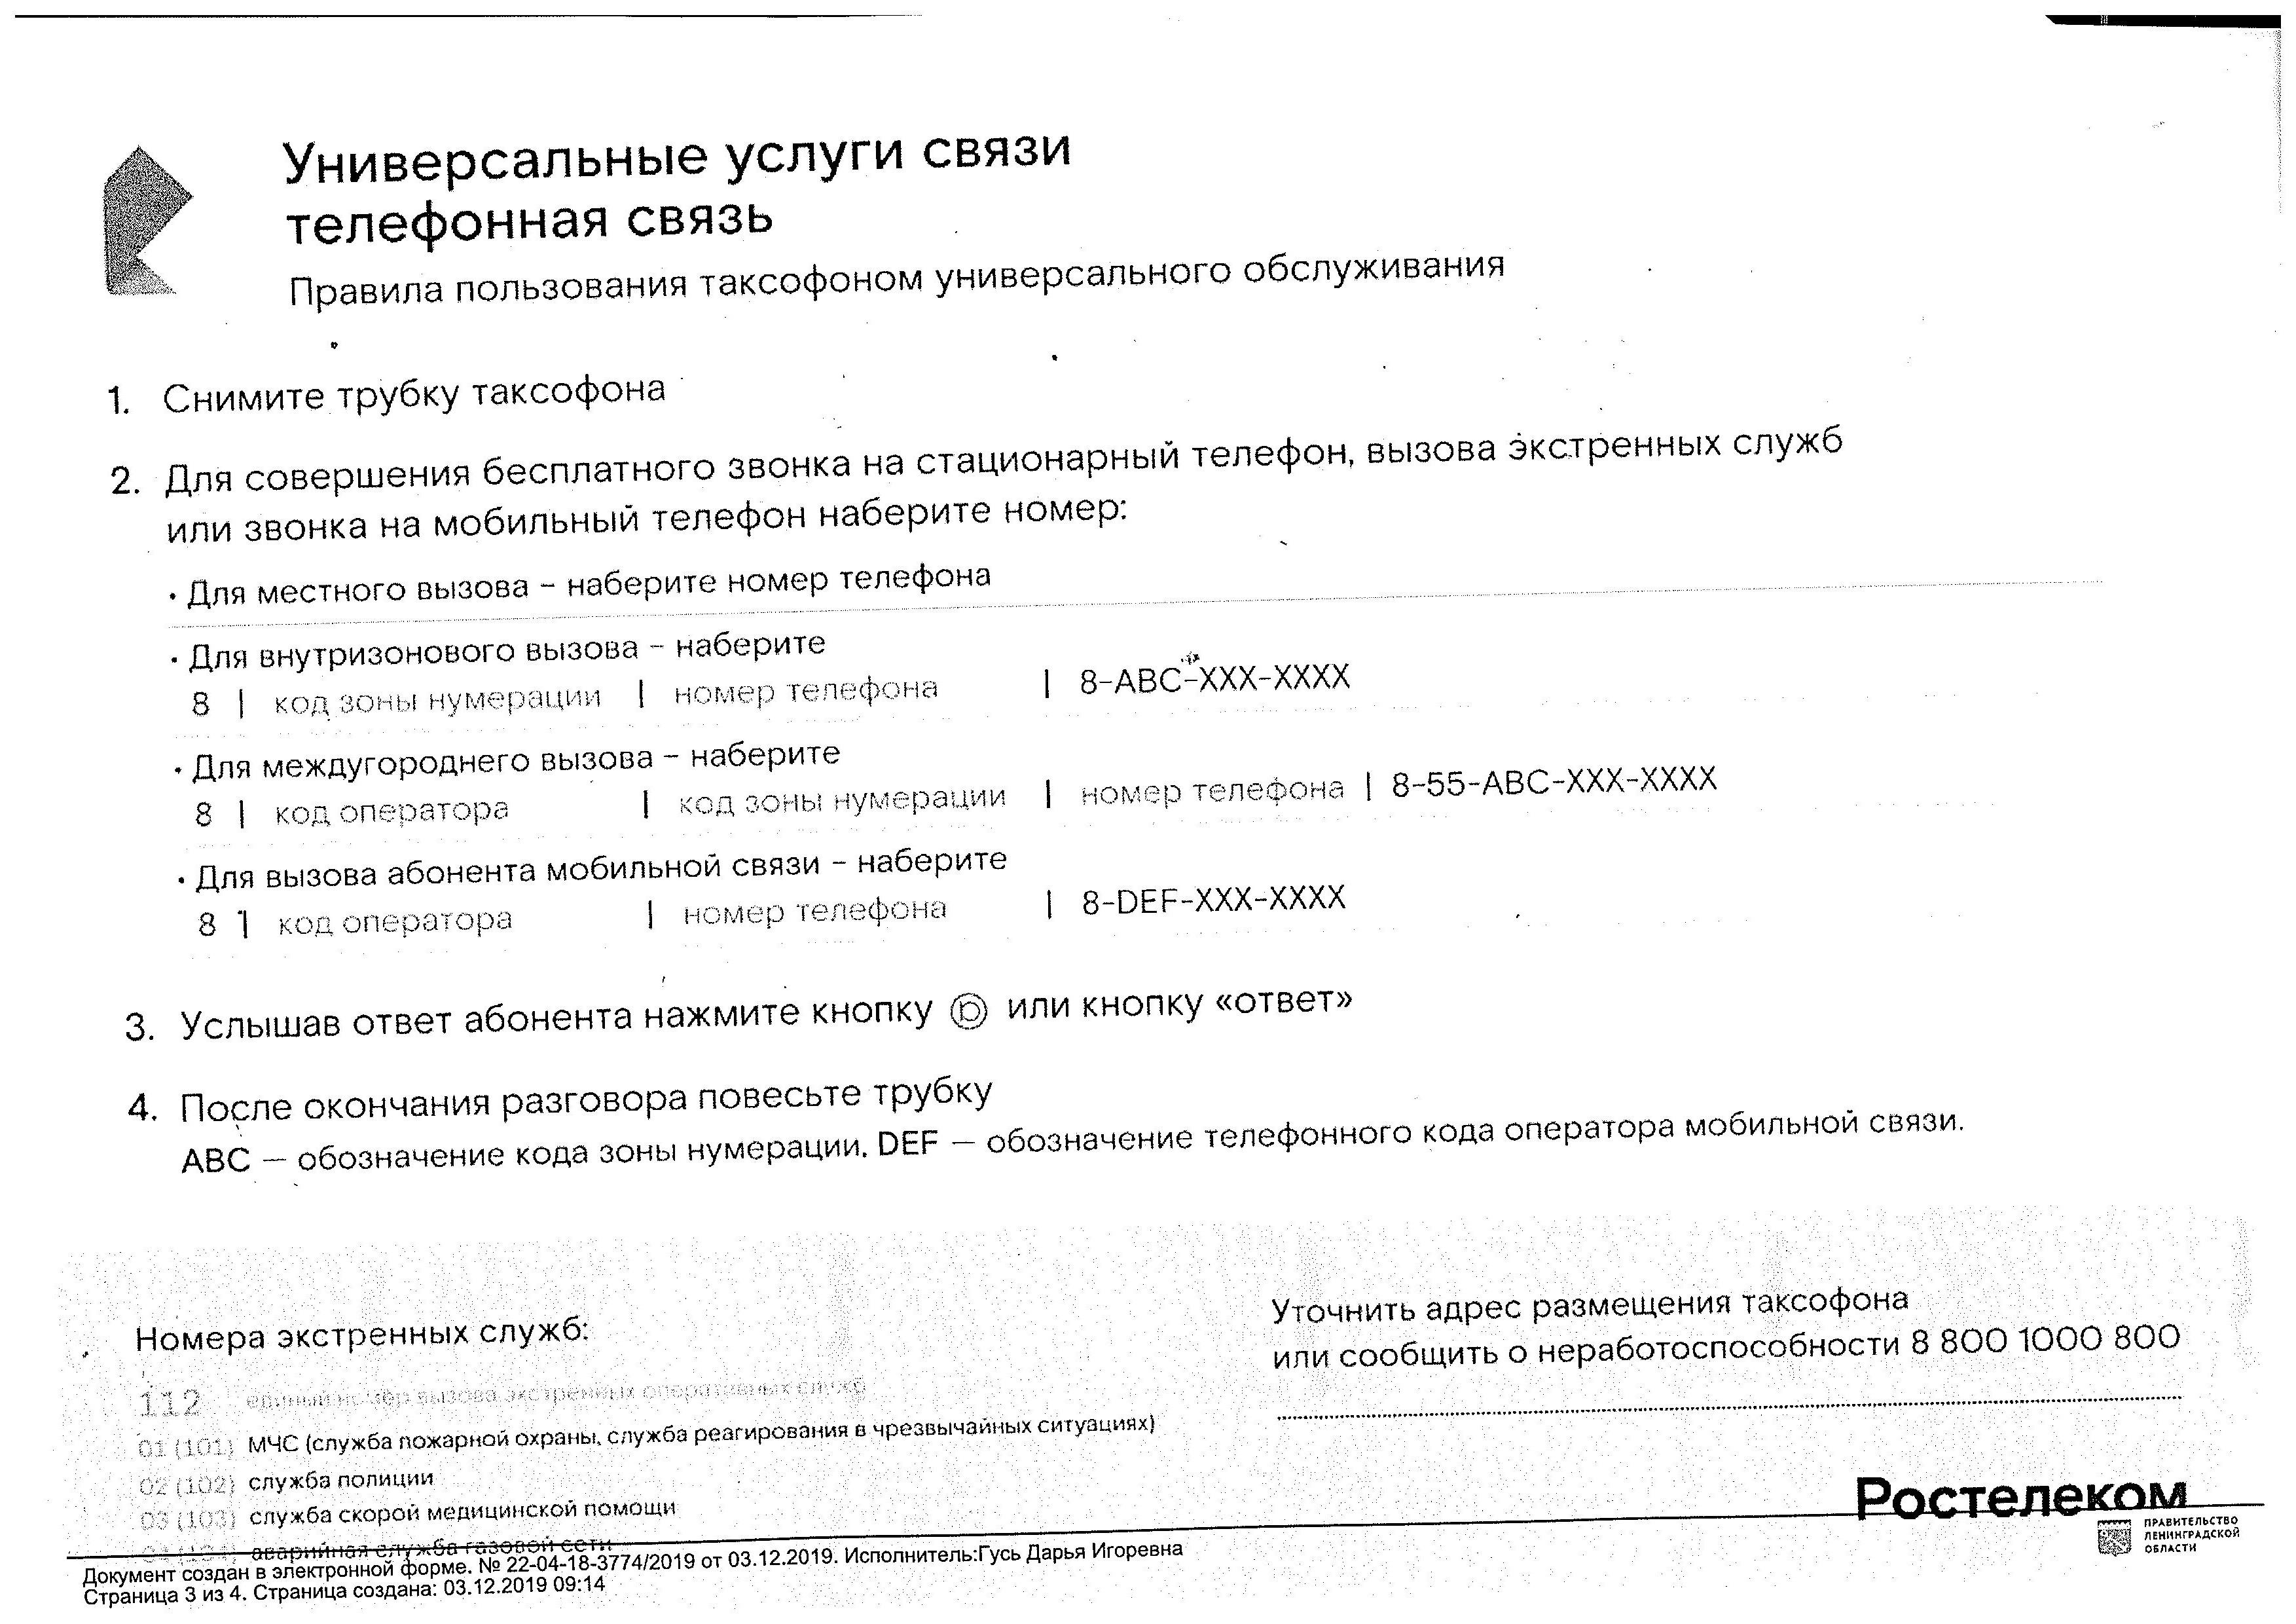 росстелеком 001